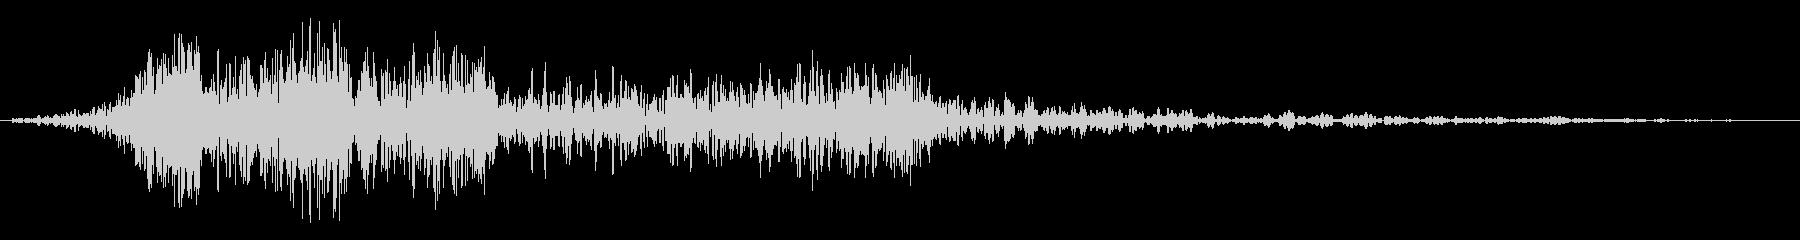 ヒュー、電子的なワープ音。の未再生の波形